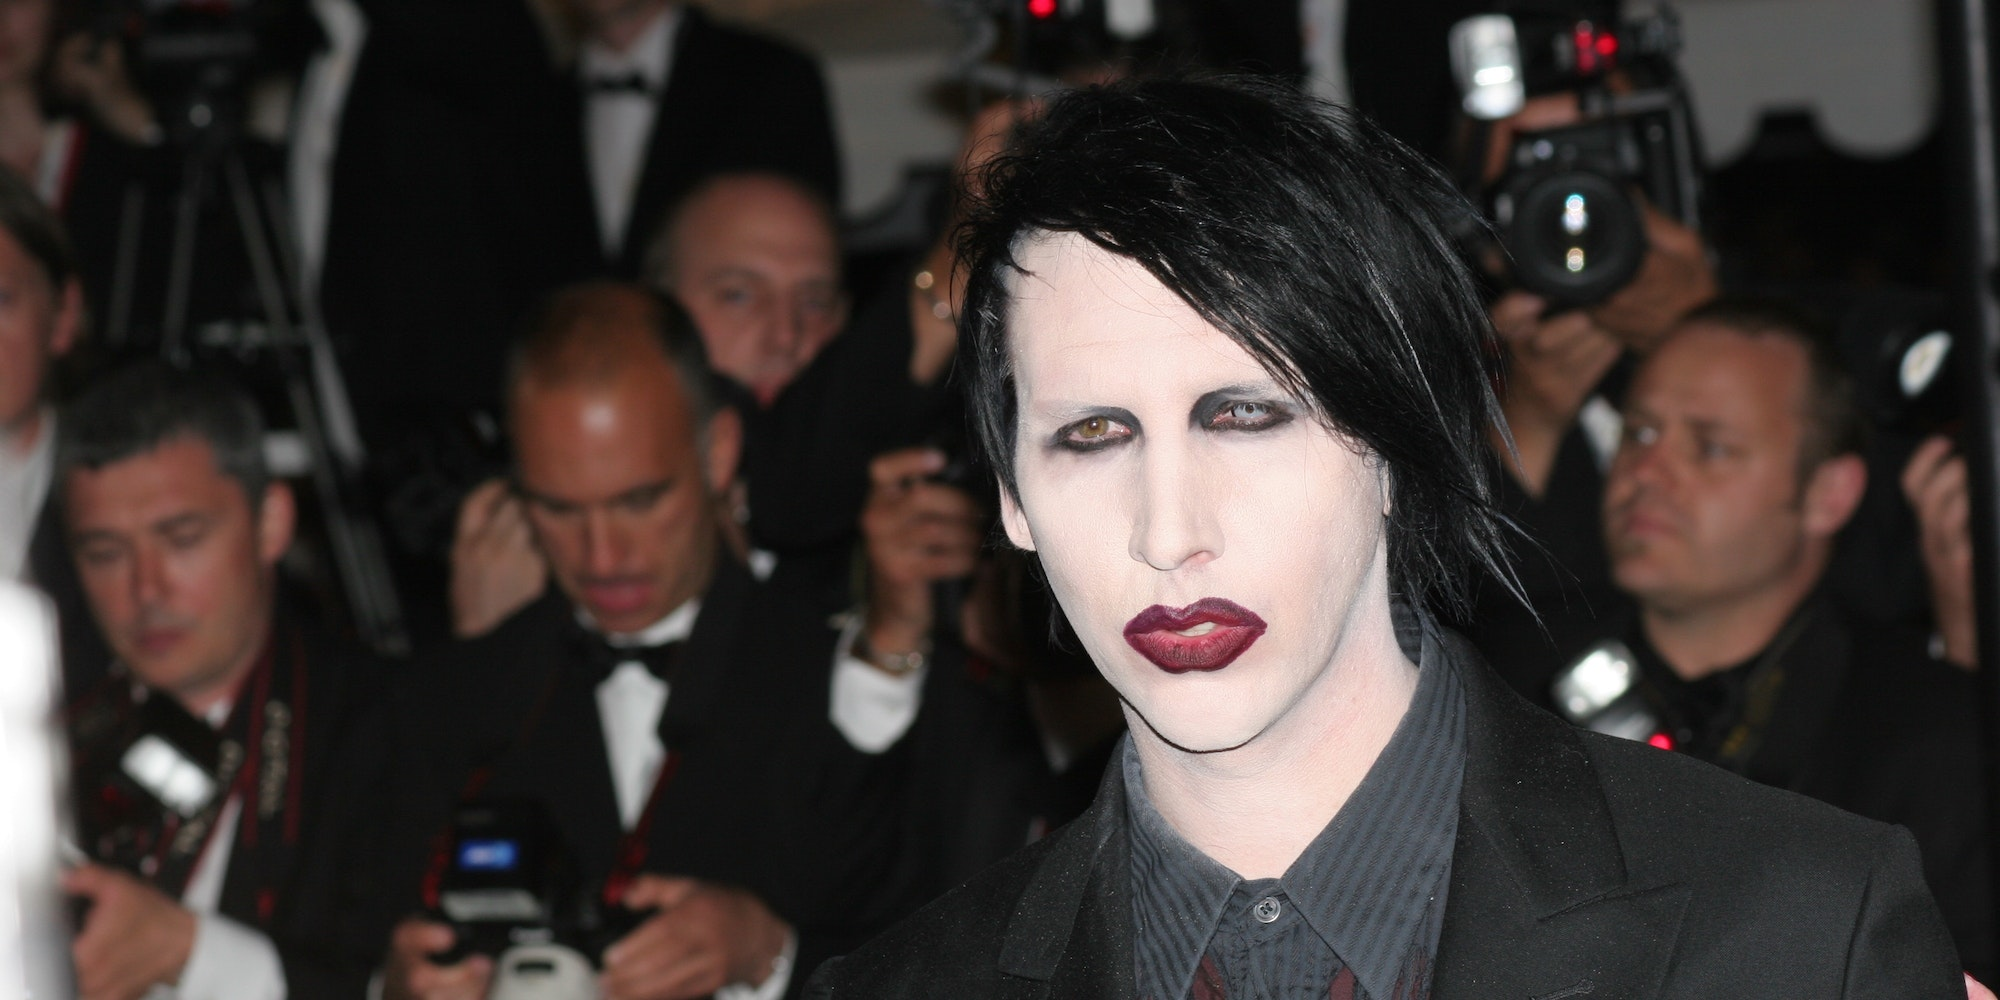 Marilyn Manson abuse